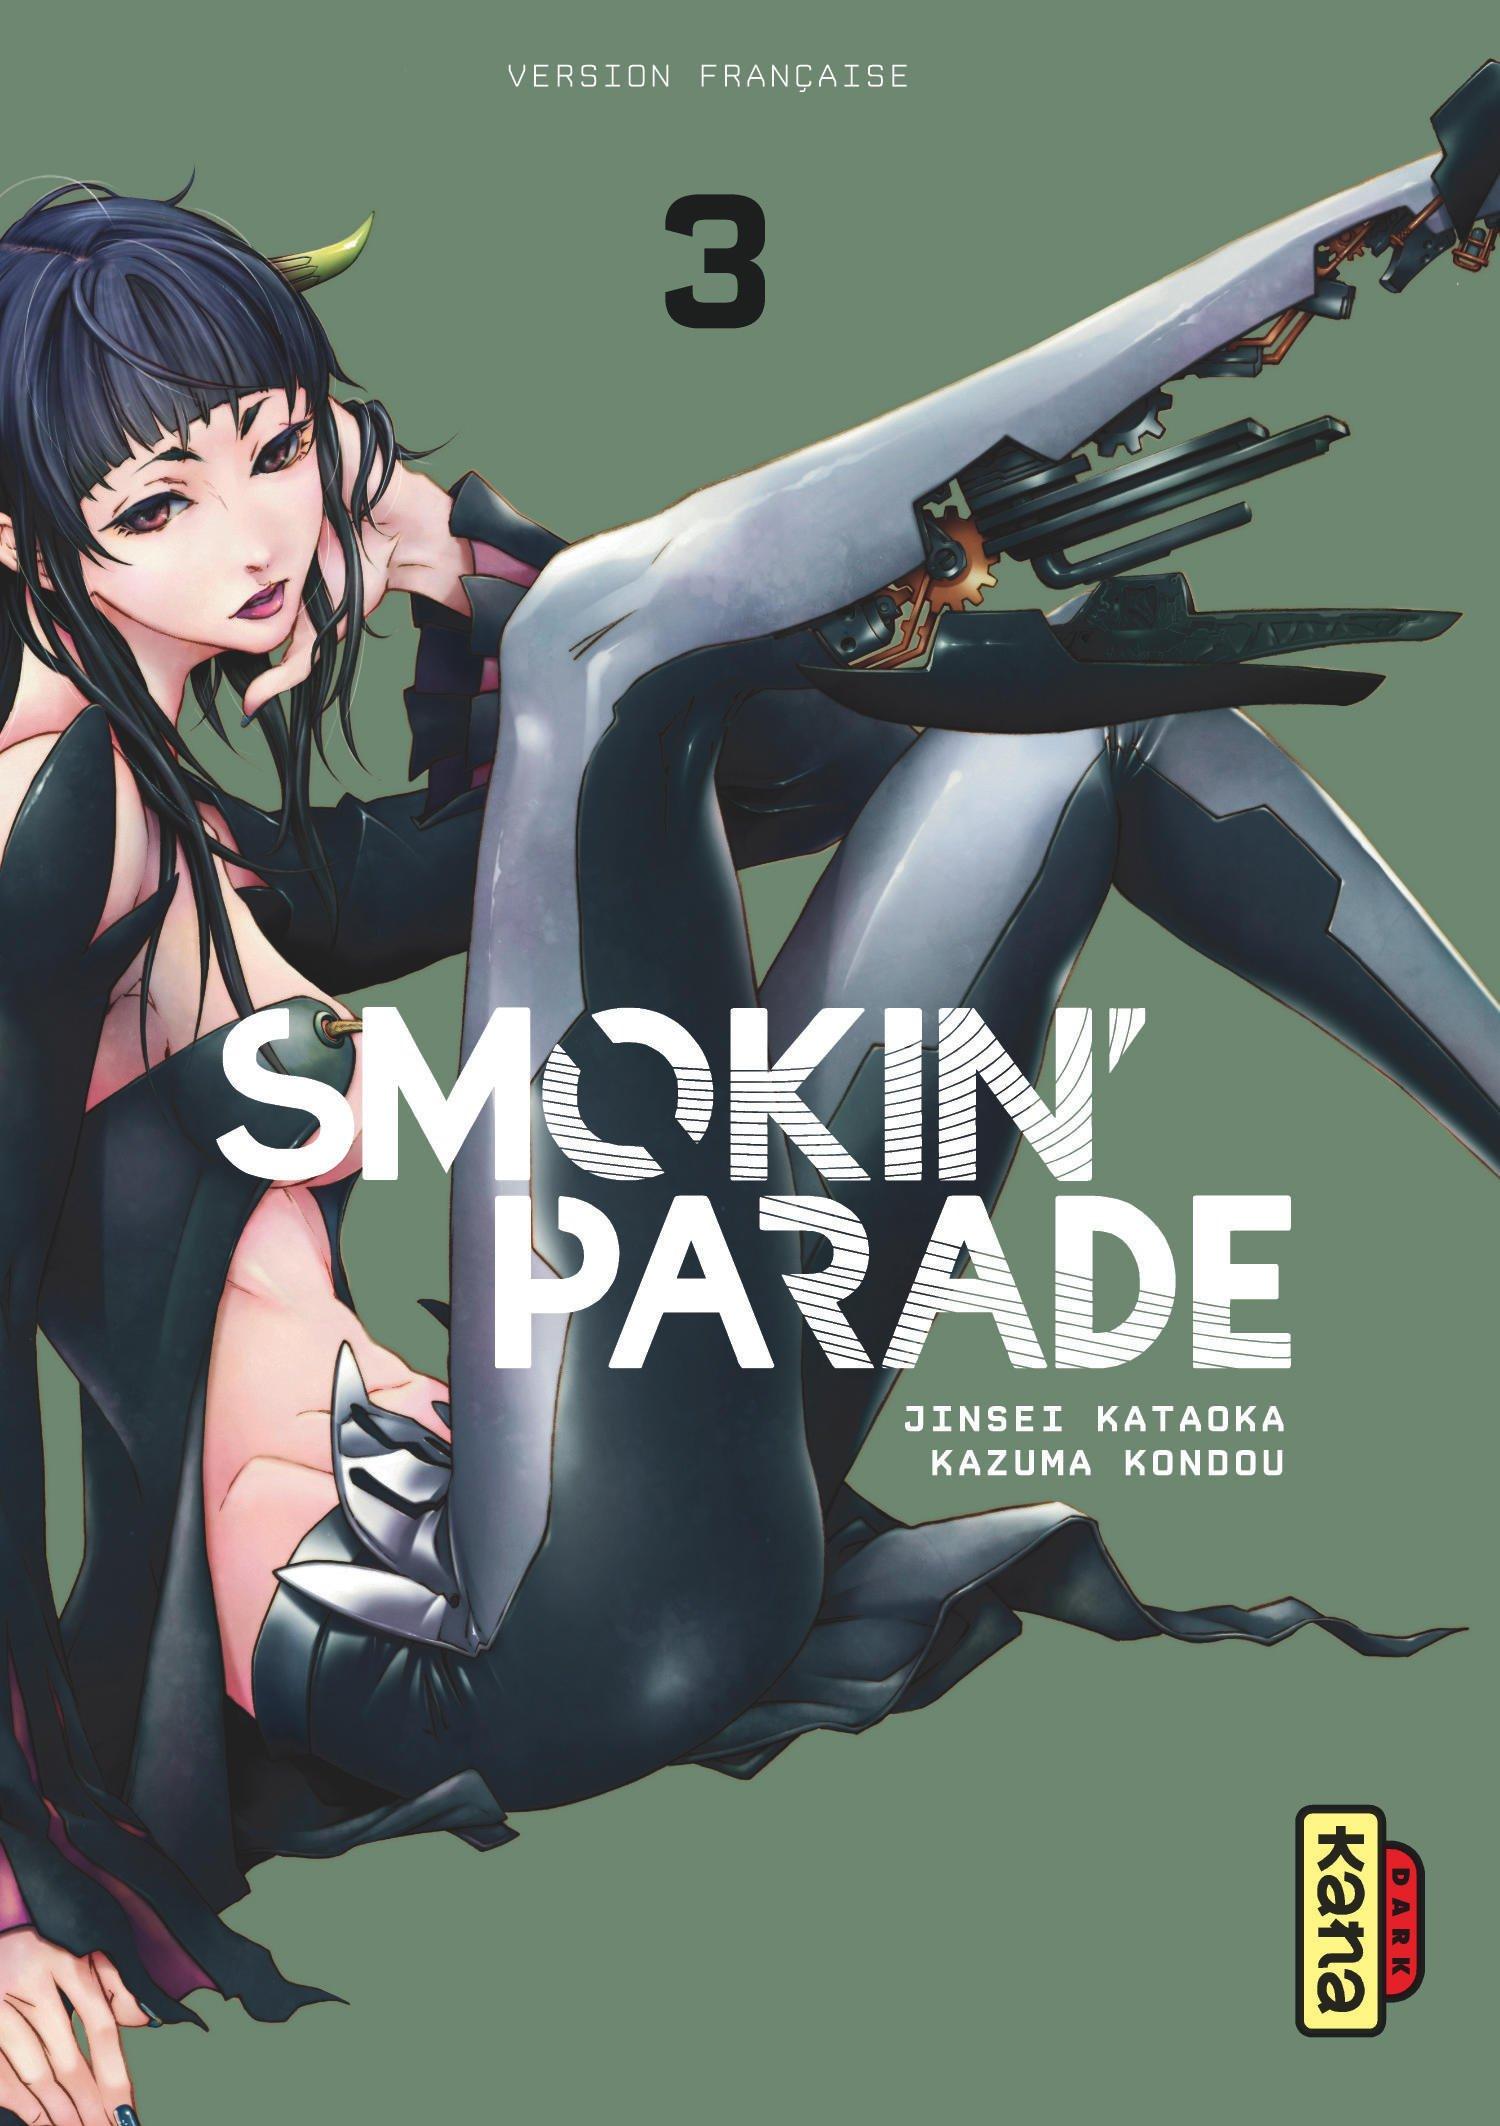 Smokin' parade 3